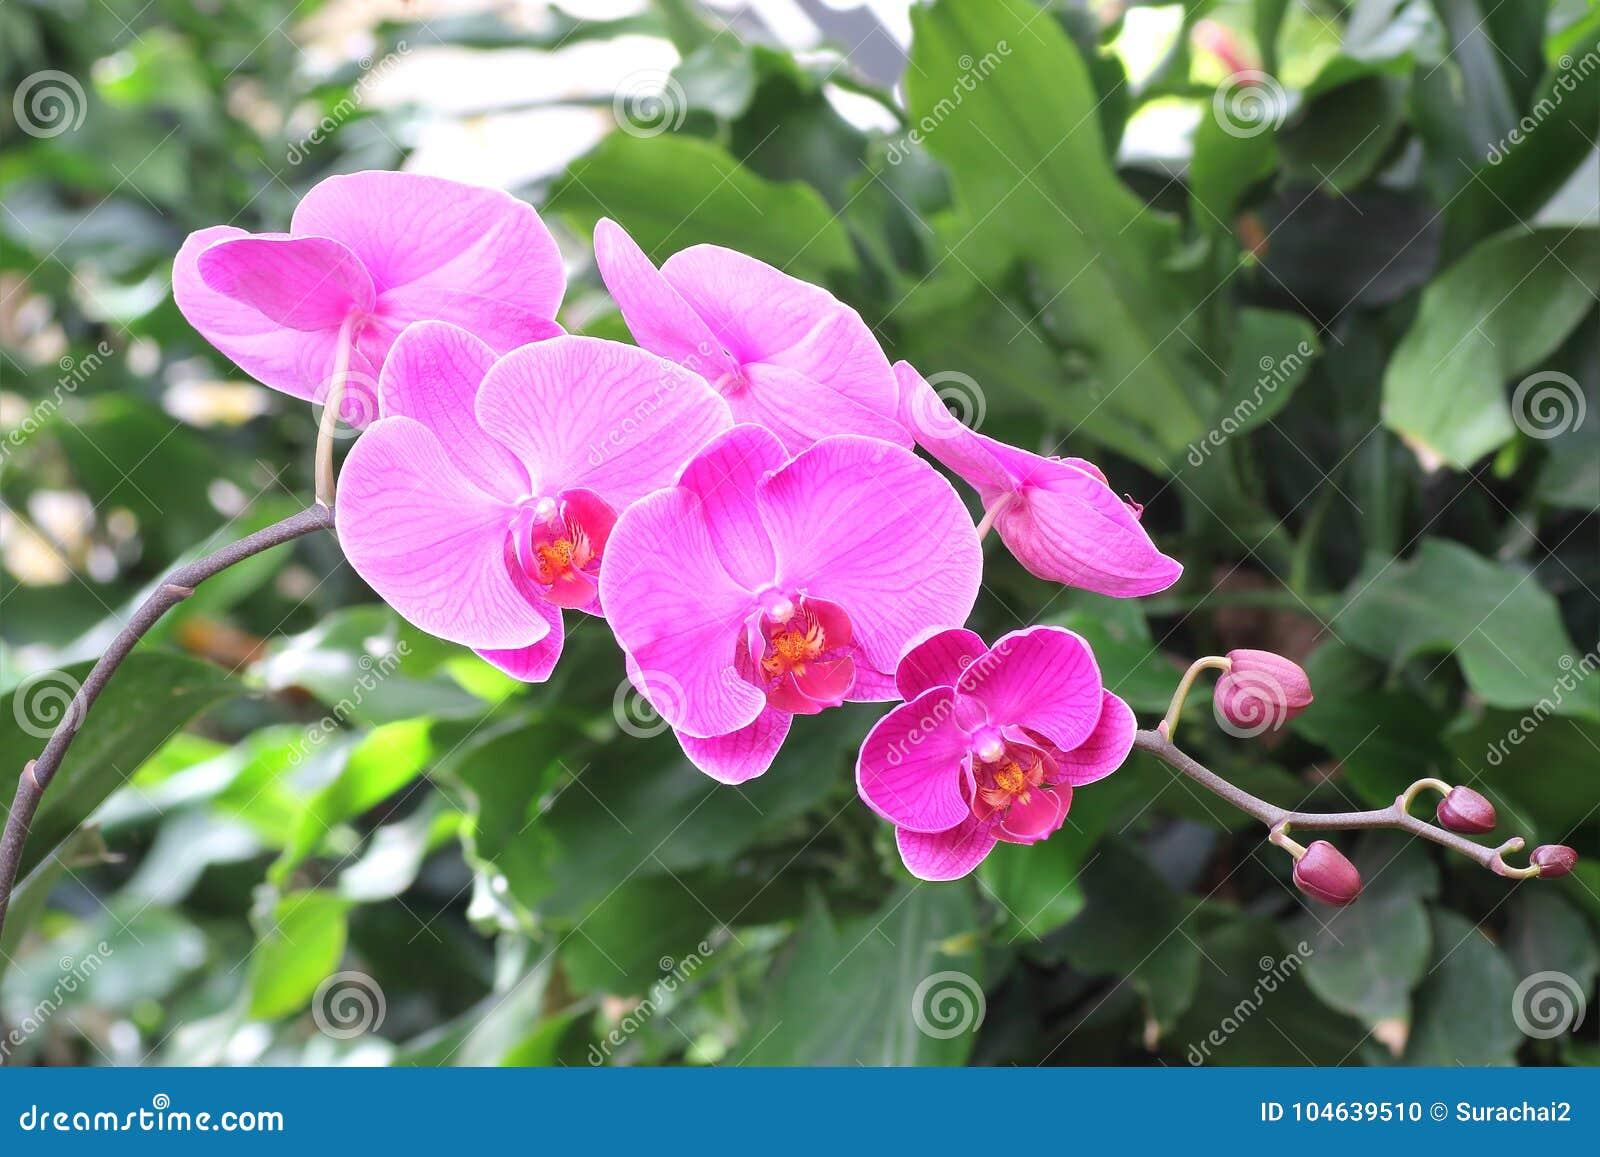 Download Mooie Orchideebloem In Tuin Stock Foto - Afbeelding bestaande uit nave, schoonheid: 104639510